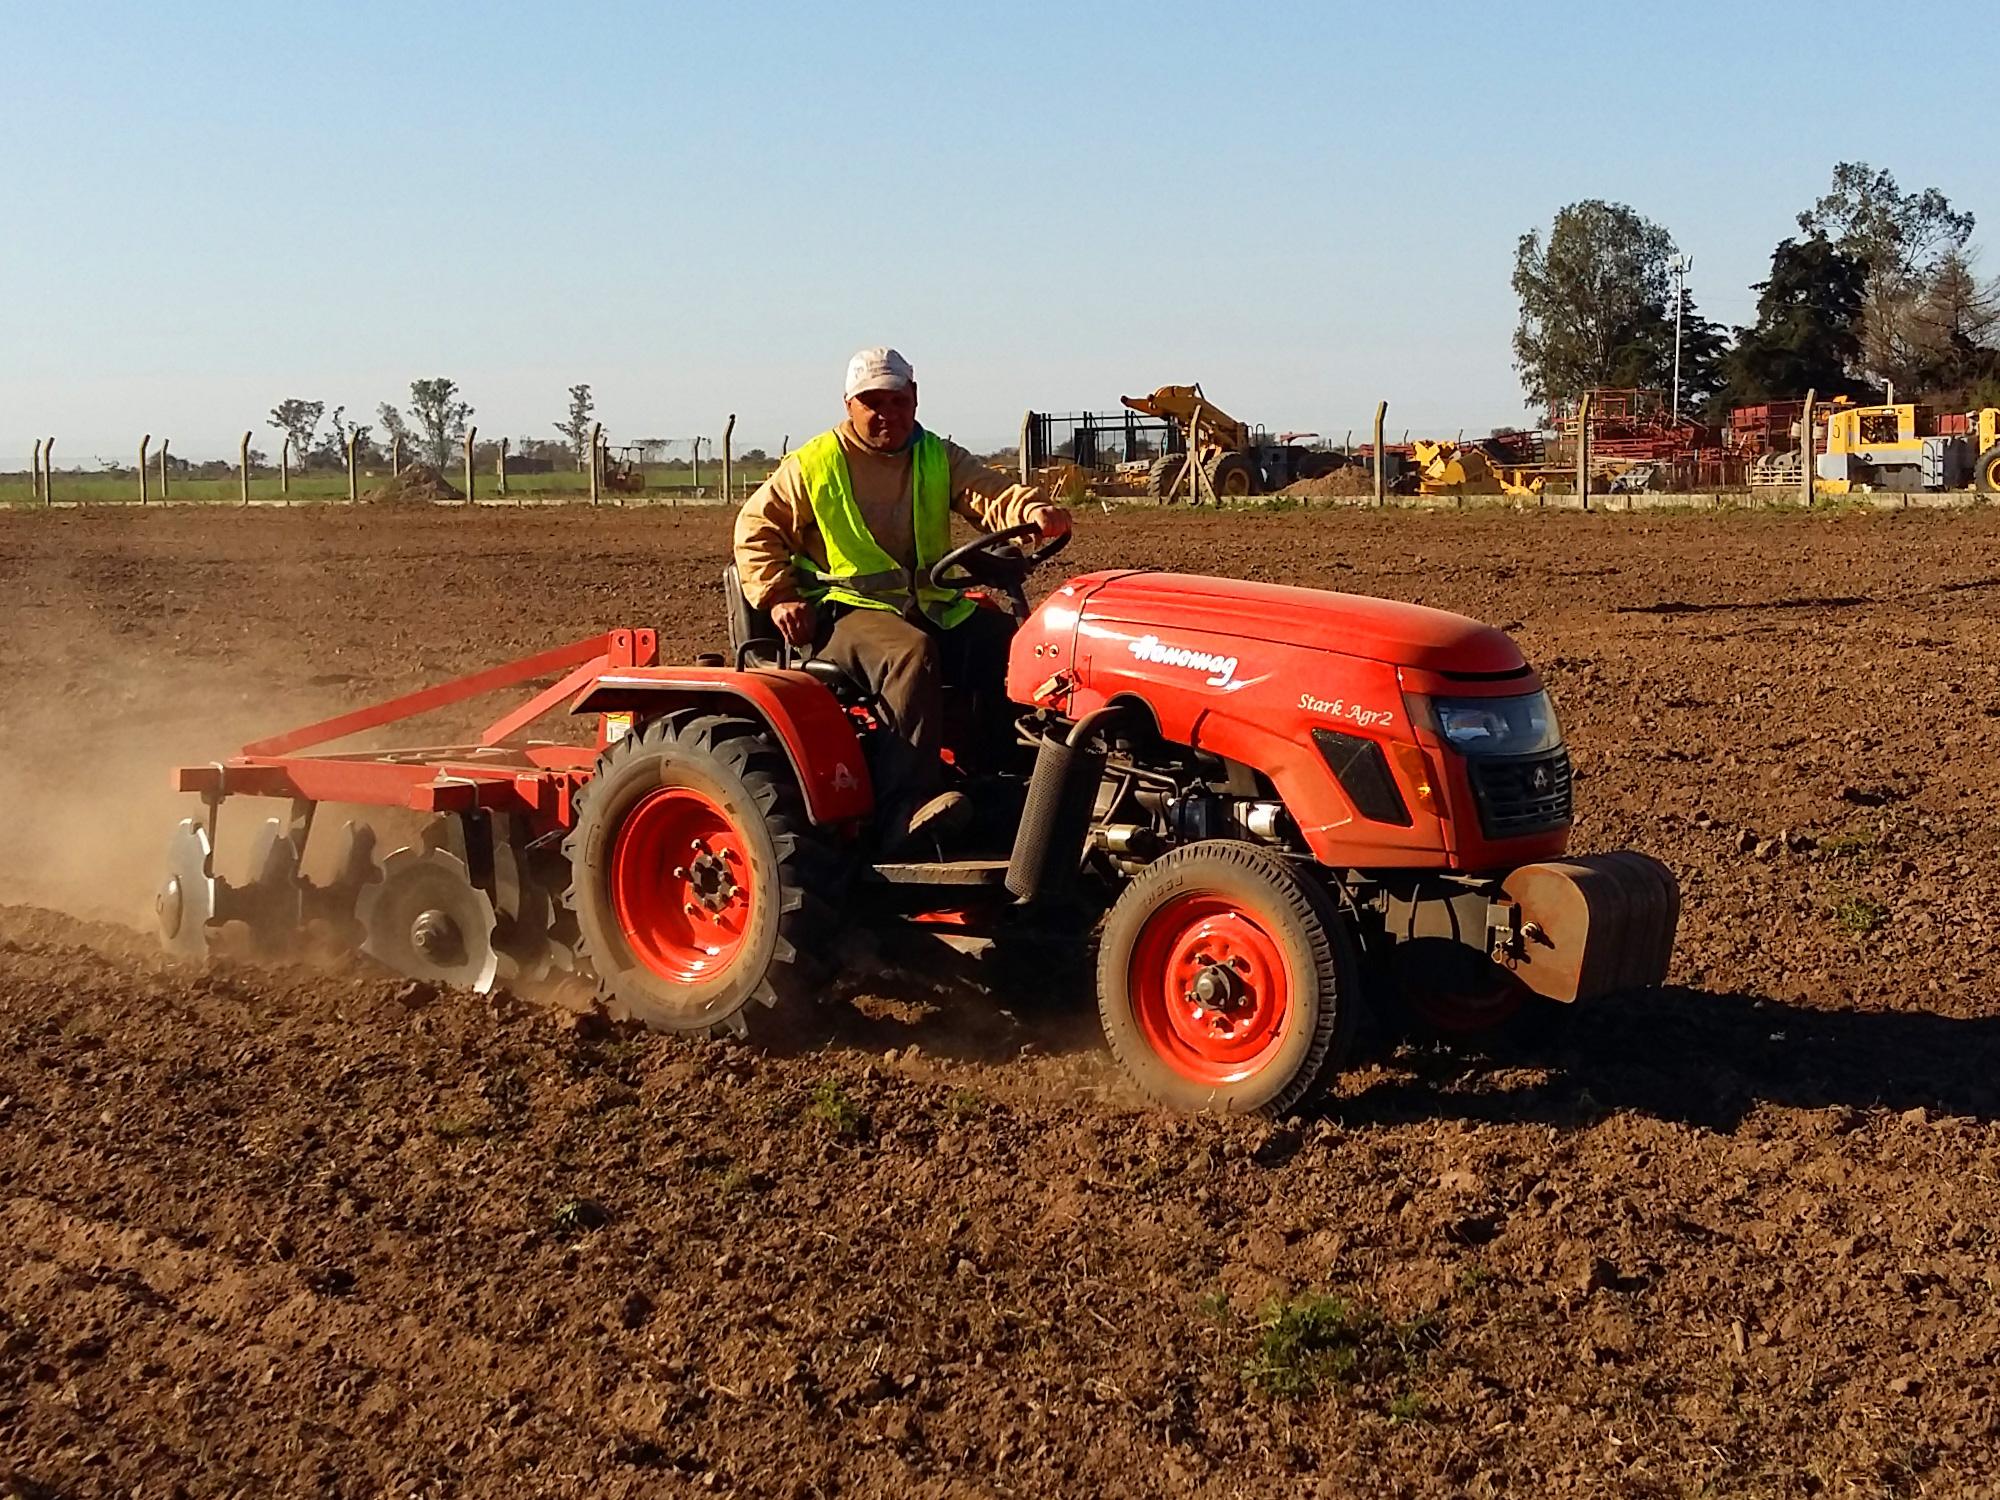 755e9f9fa3939 Hanomag Argentina - Tractor Hanomag Agr2